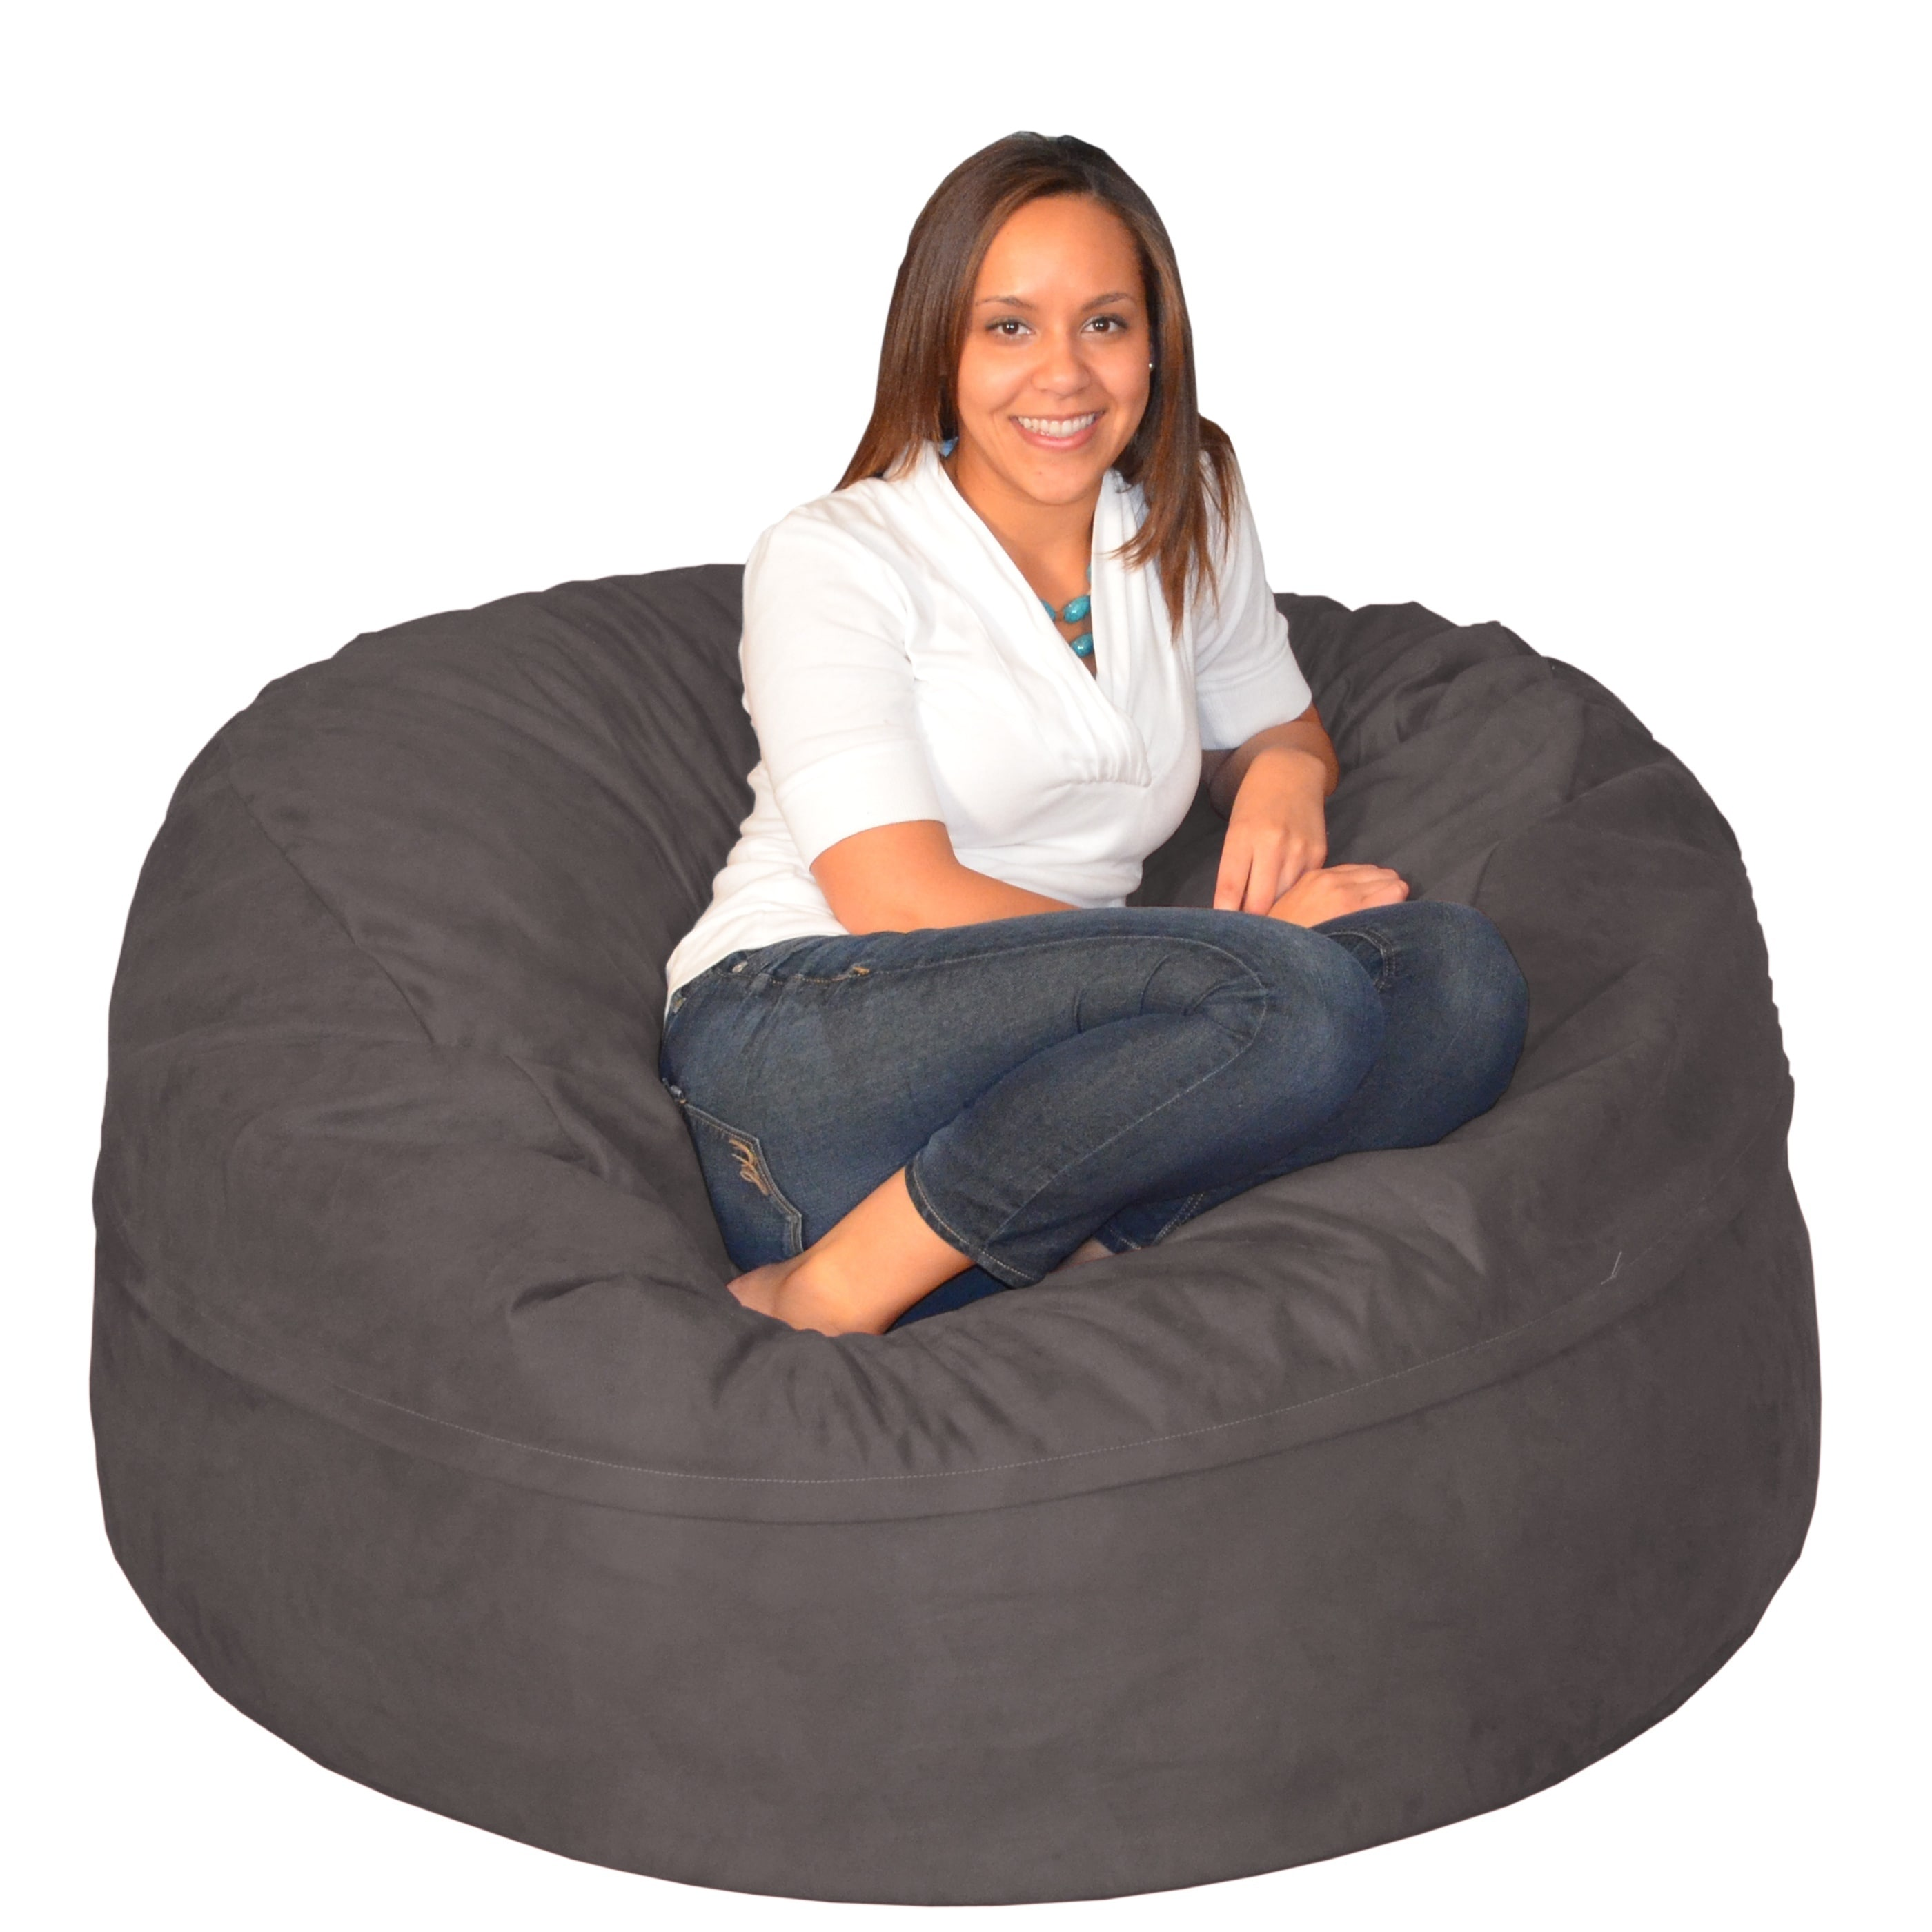 Large Memory Foam Bean Bag 5 Foot Chair